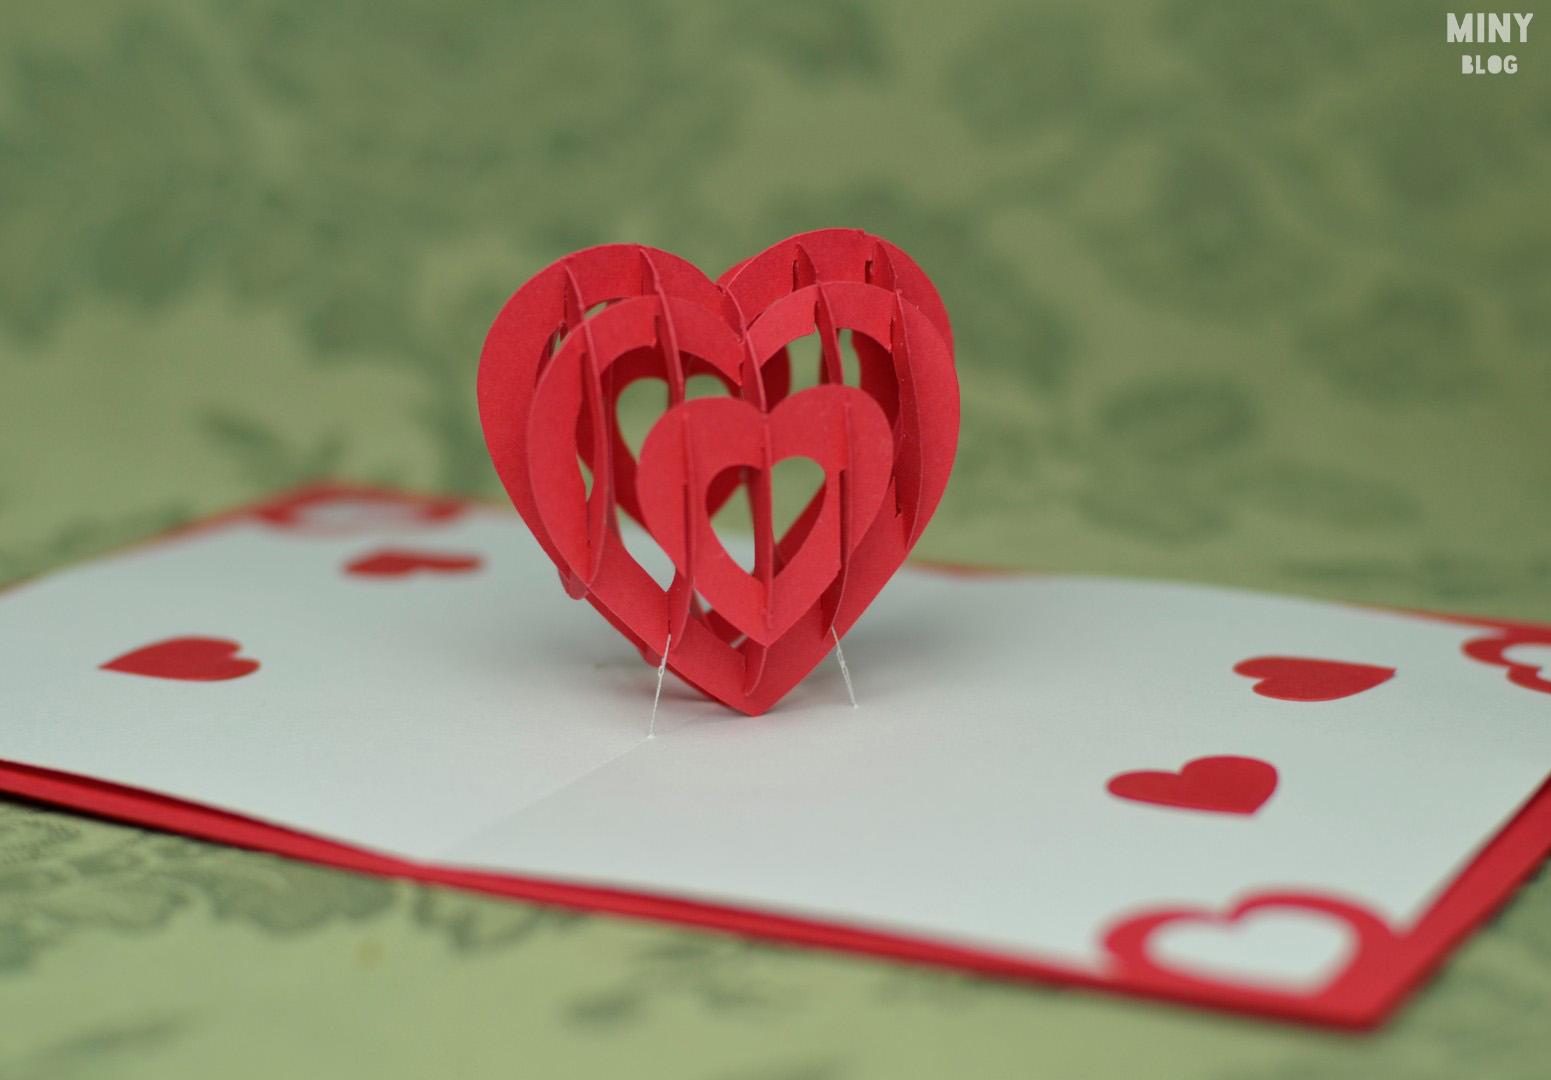 Сердце с цветами: подарок своими руками на день святого валентина. что подарить на день всех влюбленных